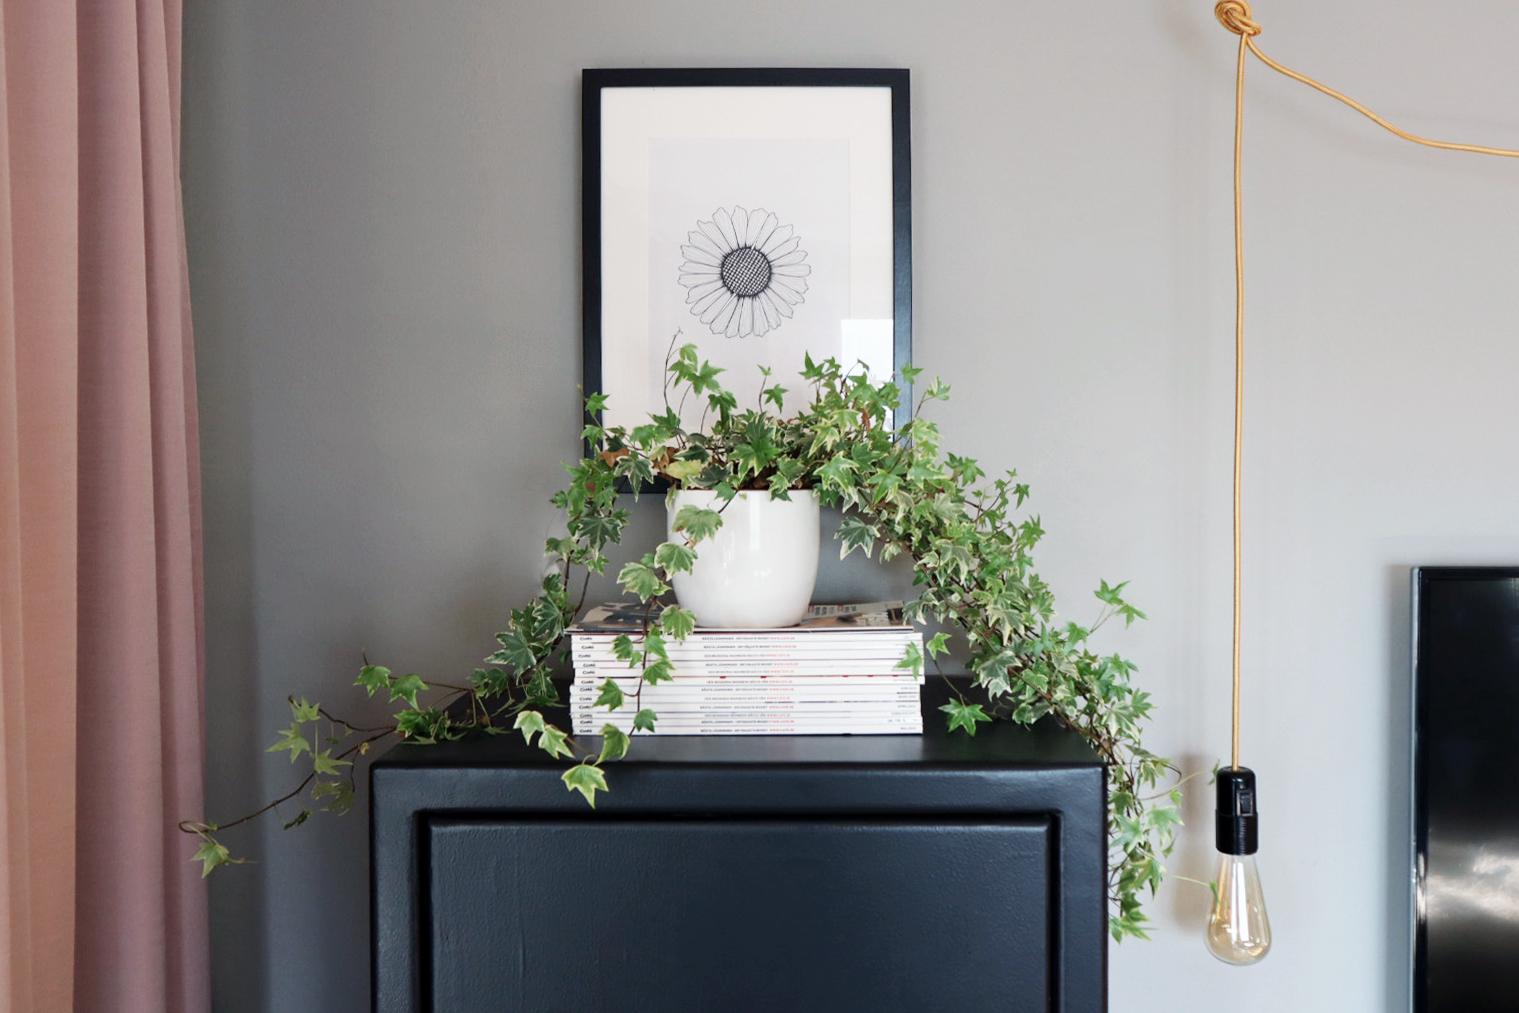 Rita din egen blomtavla – steg för steg